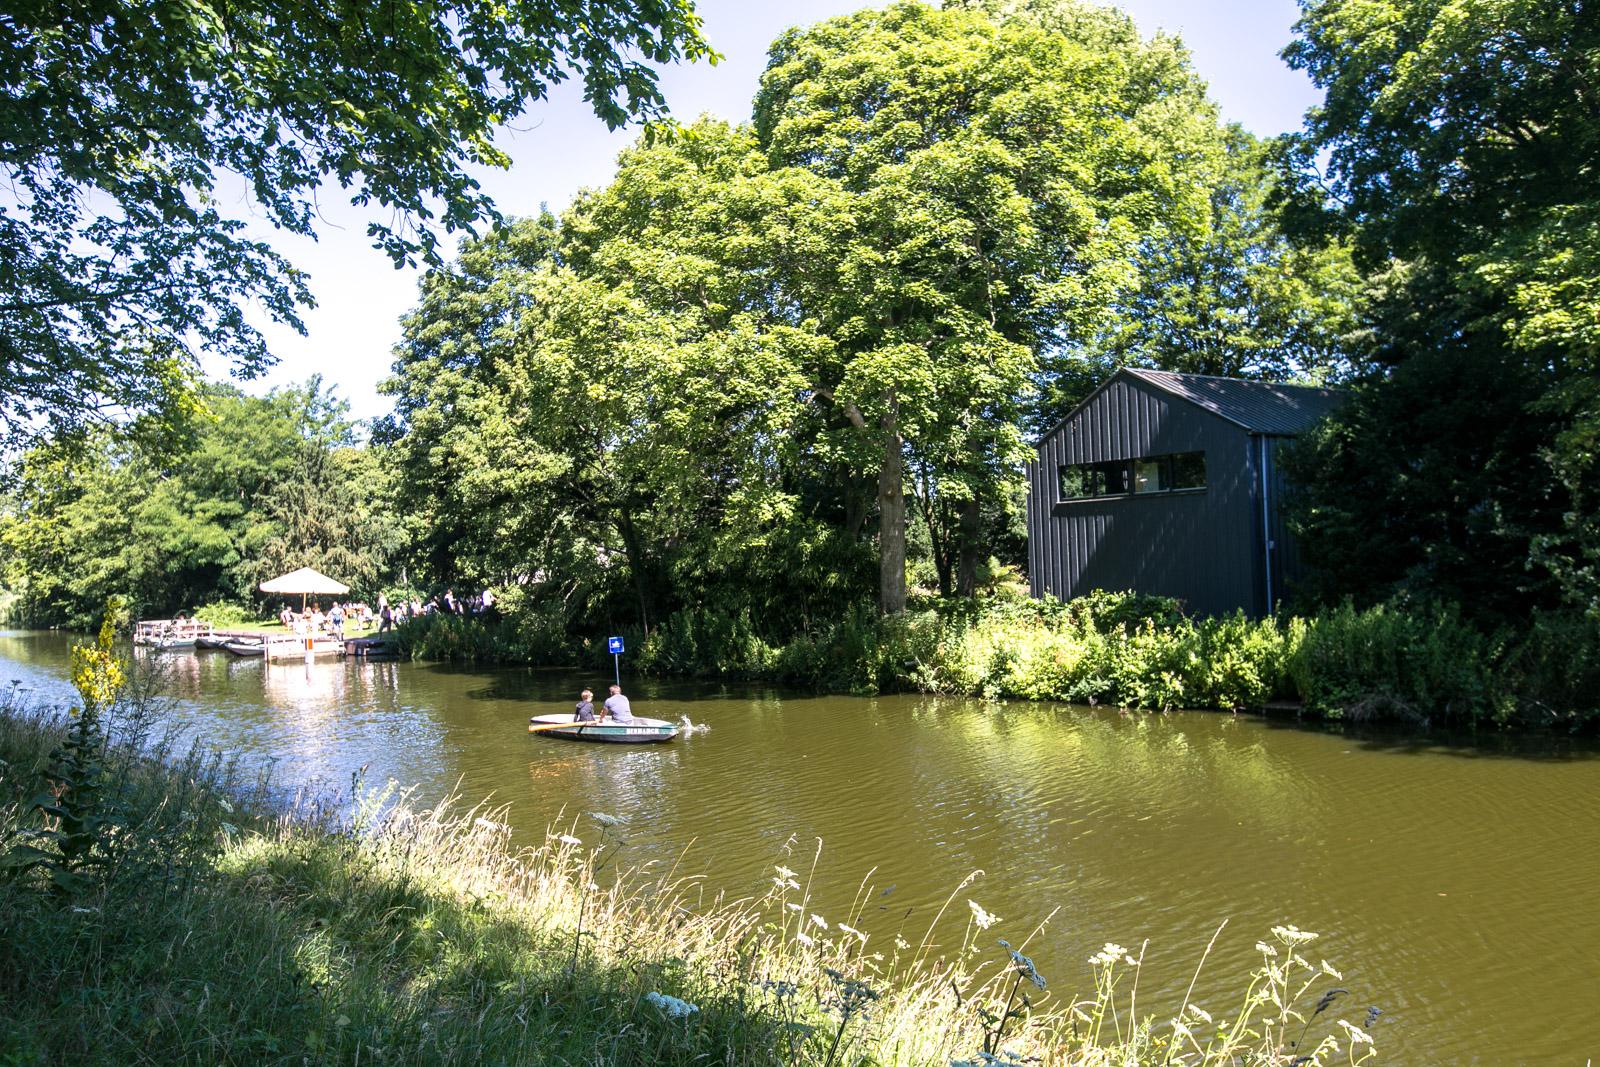 Den Haag Tipps: Fahrrad fahren in der Natur